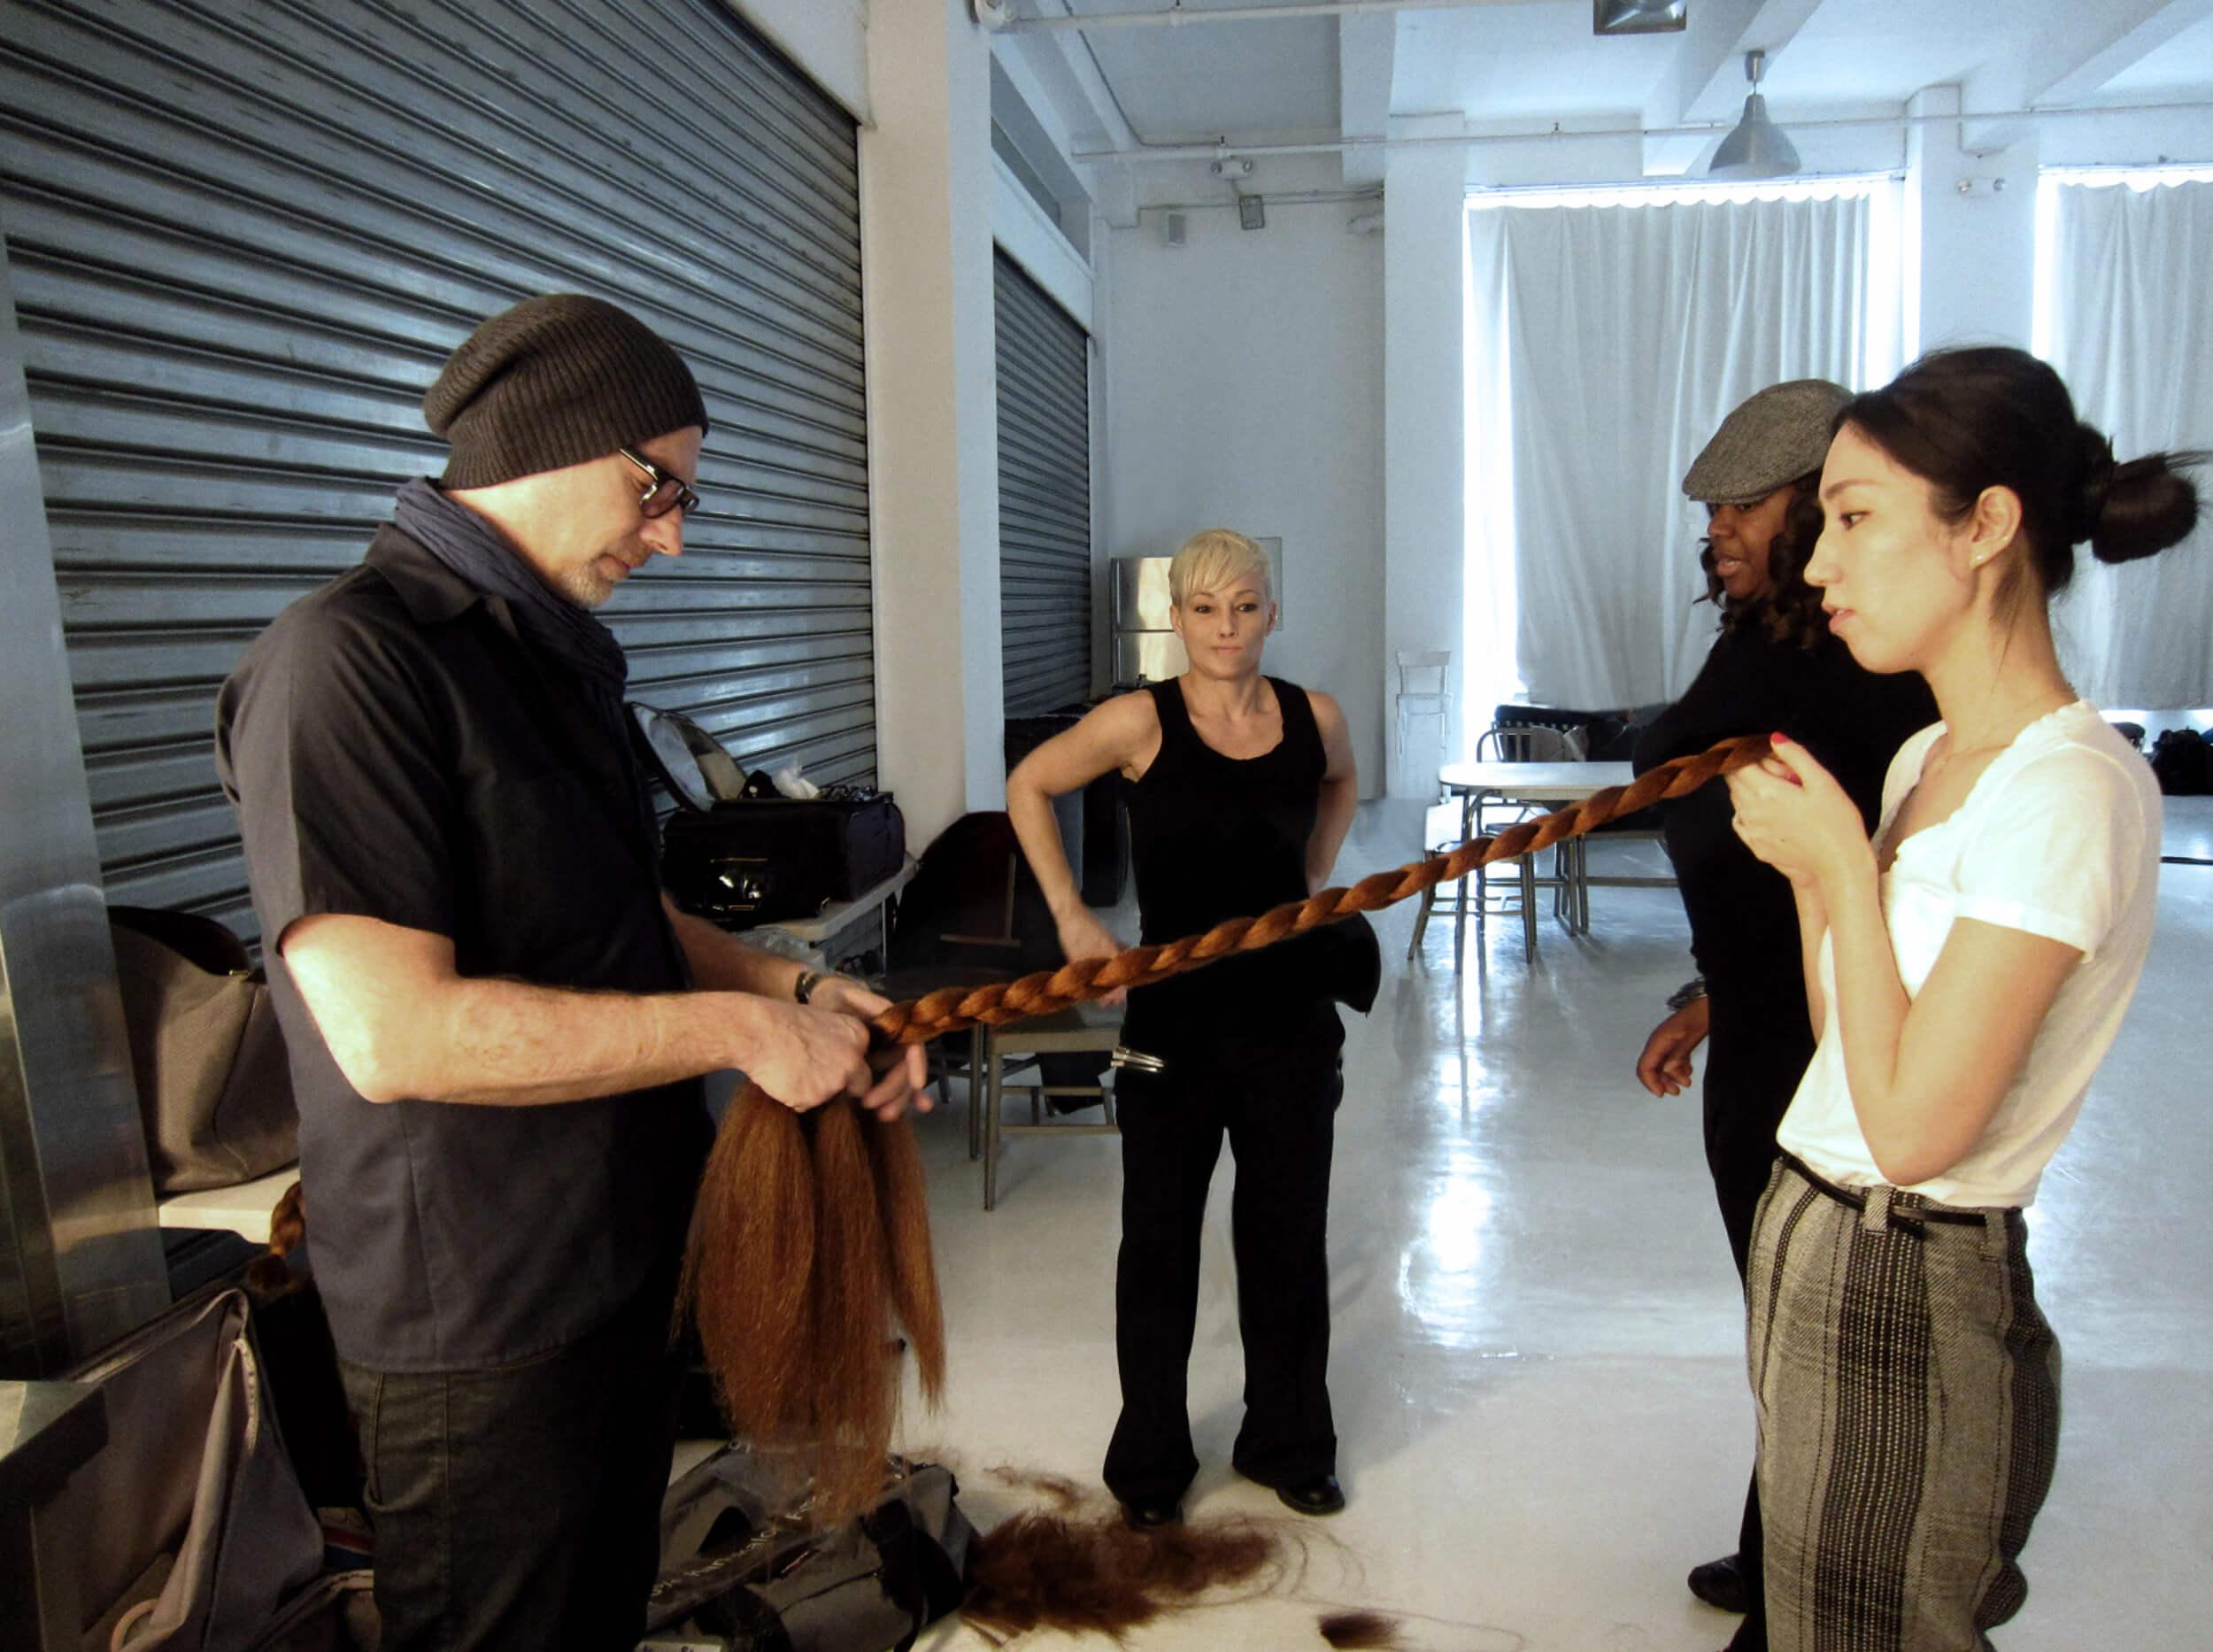 echos-coiffure-magazine-backstage-02.jpg